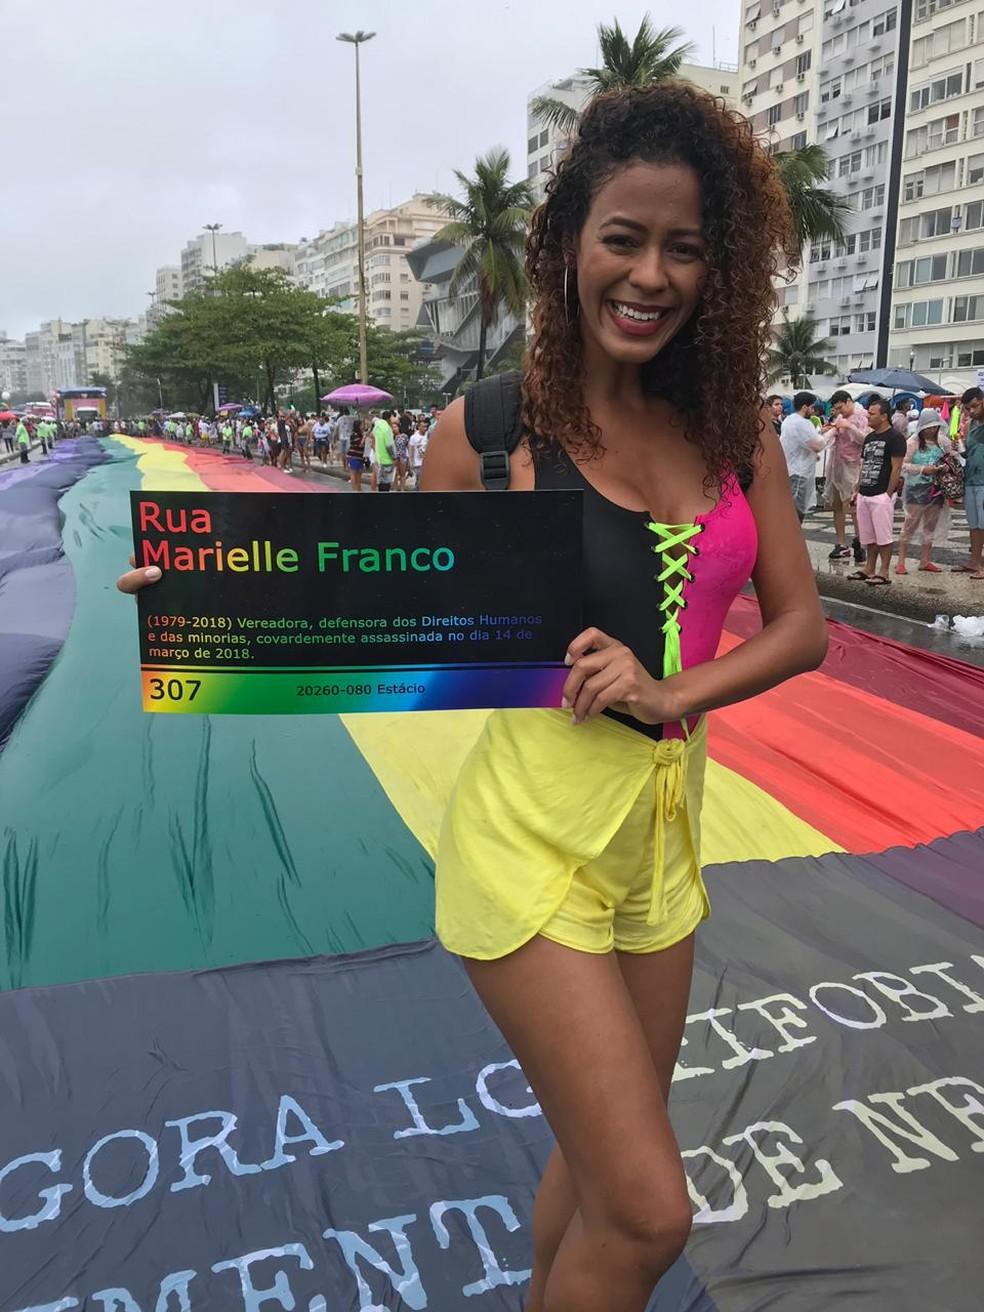 Vereadora Marielle Franco é homenageada durante a 24ª Parada do Orgulho LGBTI, em Copacabana — Foto: Bárbara Carvalho/GloboNews